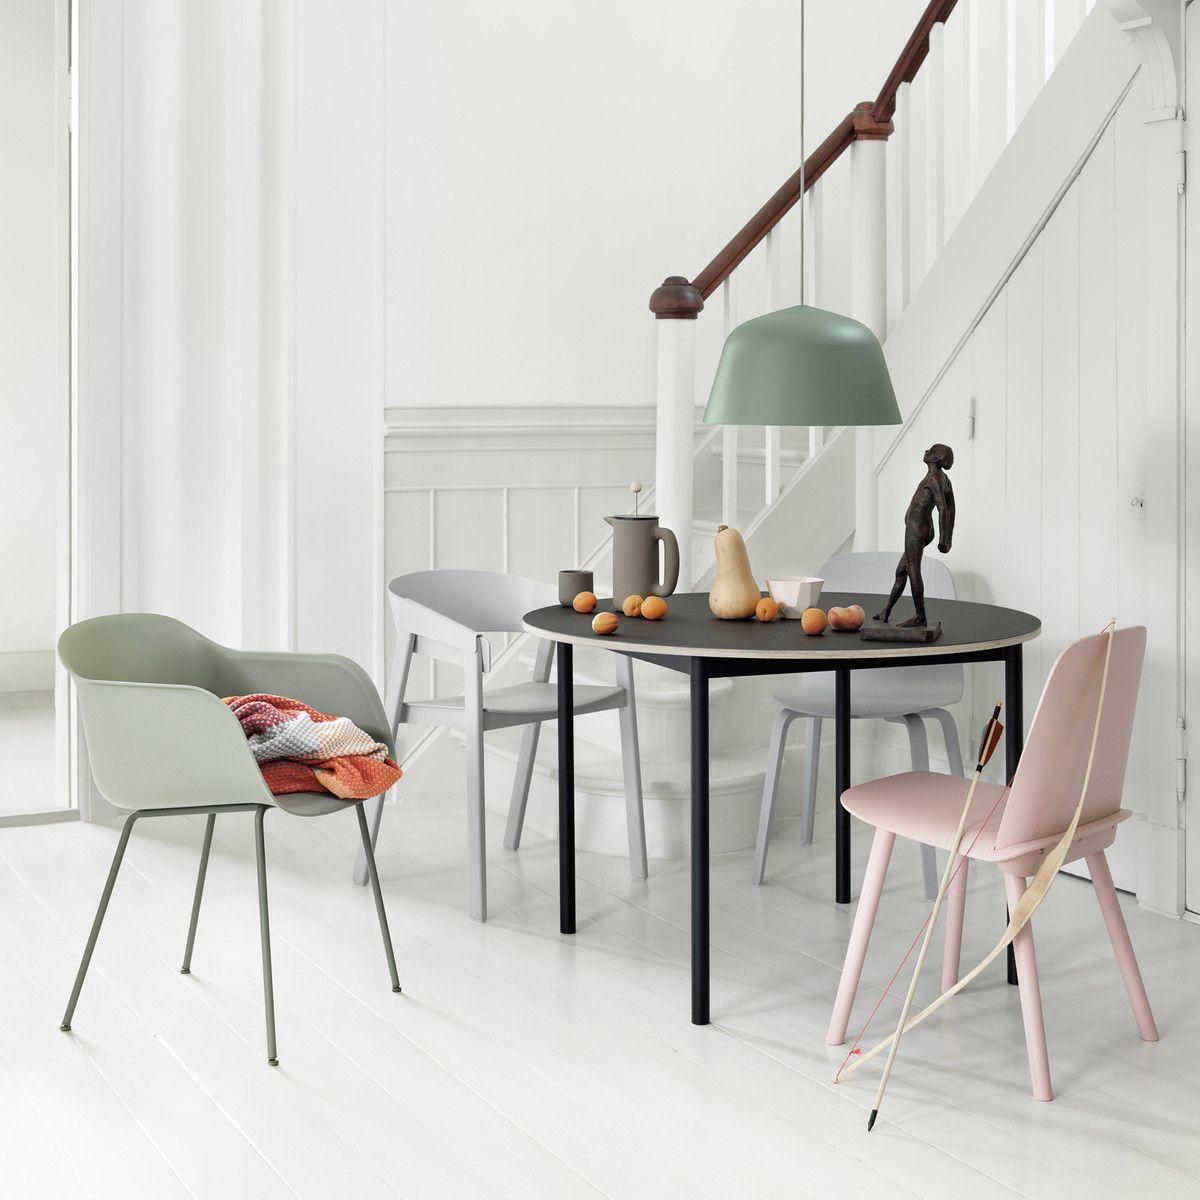 muuto - base table Ø 110 cm, weiß / laminat mit sperrholzkante, Esstisch ideennn